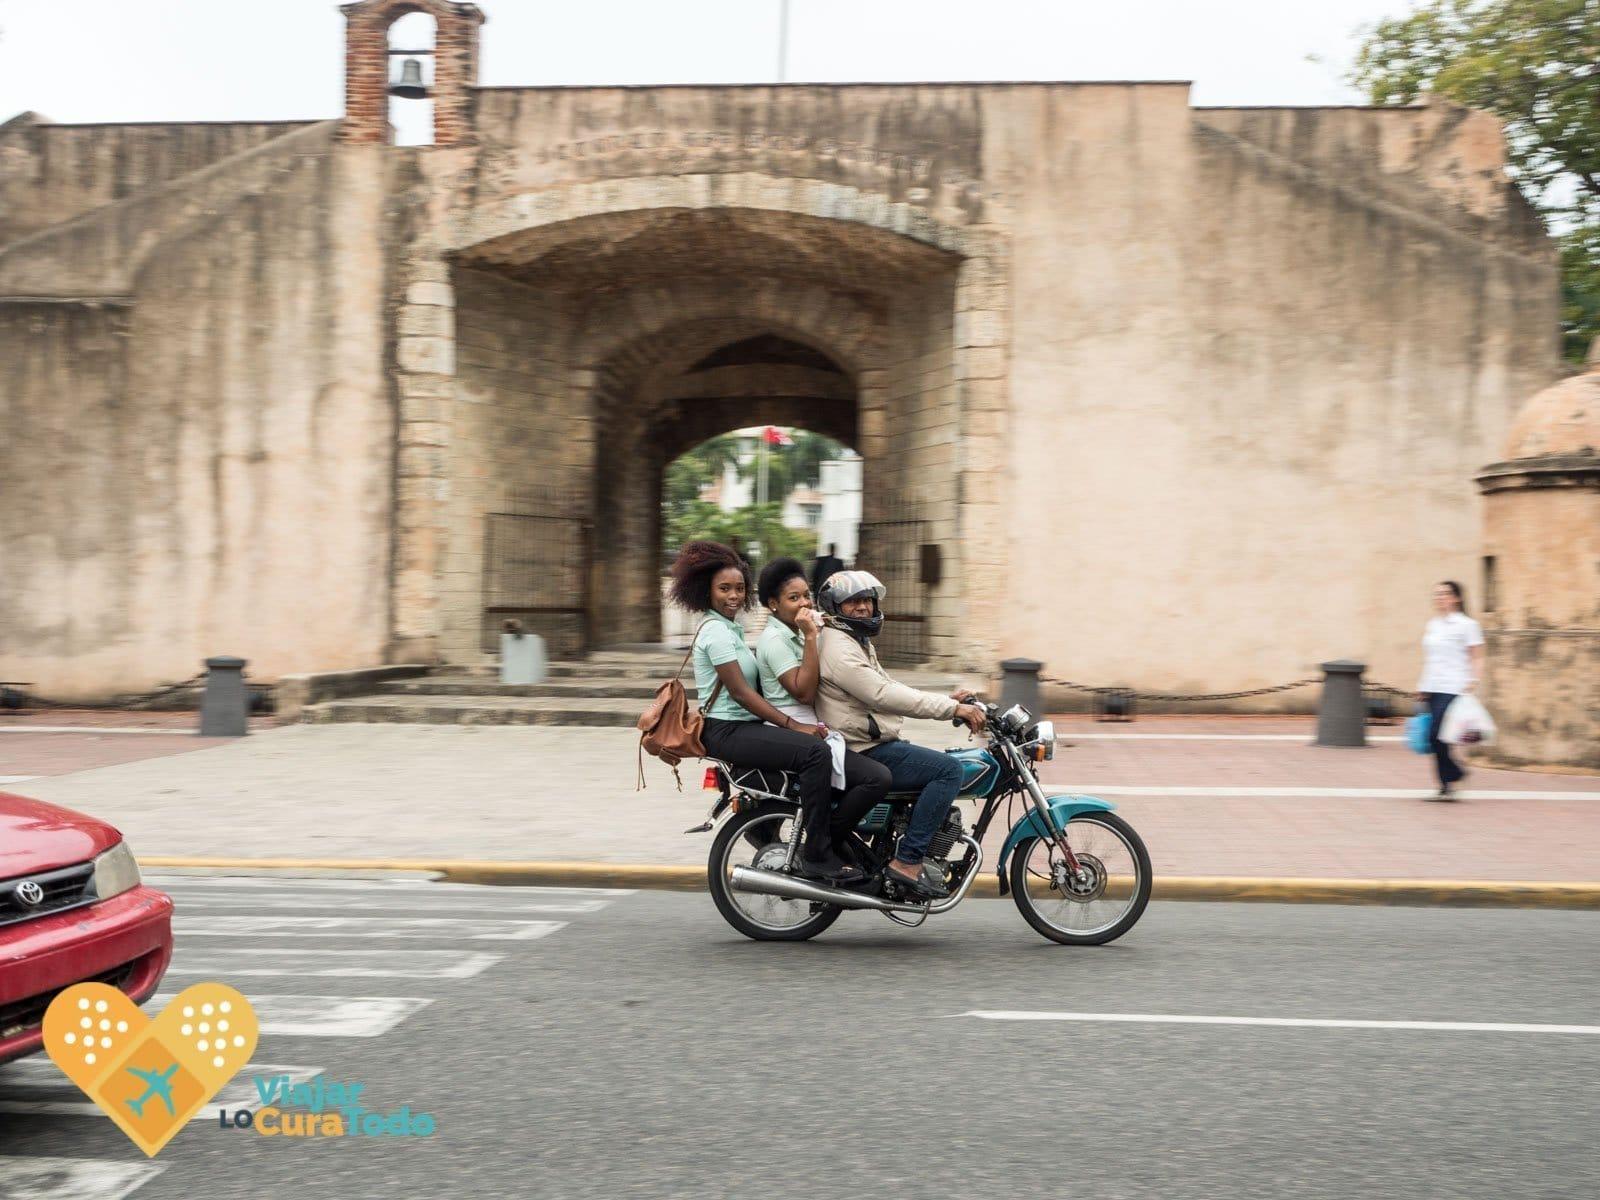 3 en una moto república dominicana